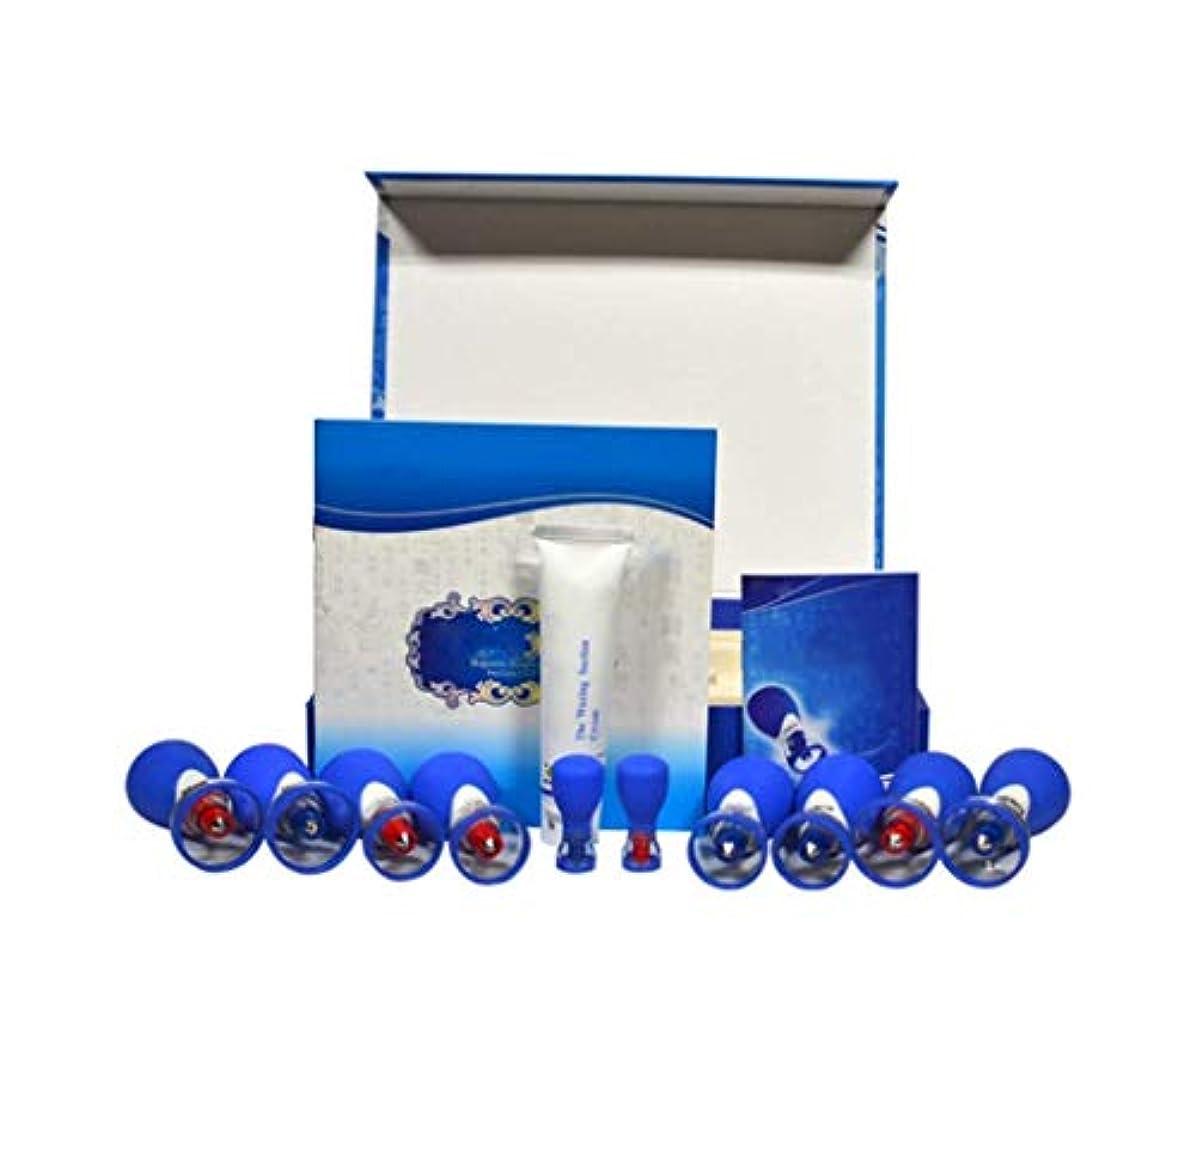 悲しい水没ステレオ磁気カッピング、10カップ磁気指圧吸引カッピングセット、マッサージ筋肉関節痛の軽減